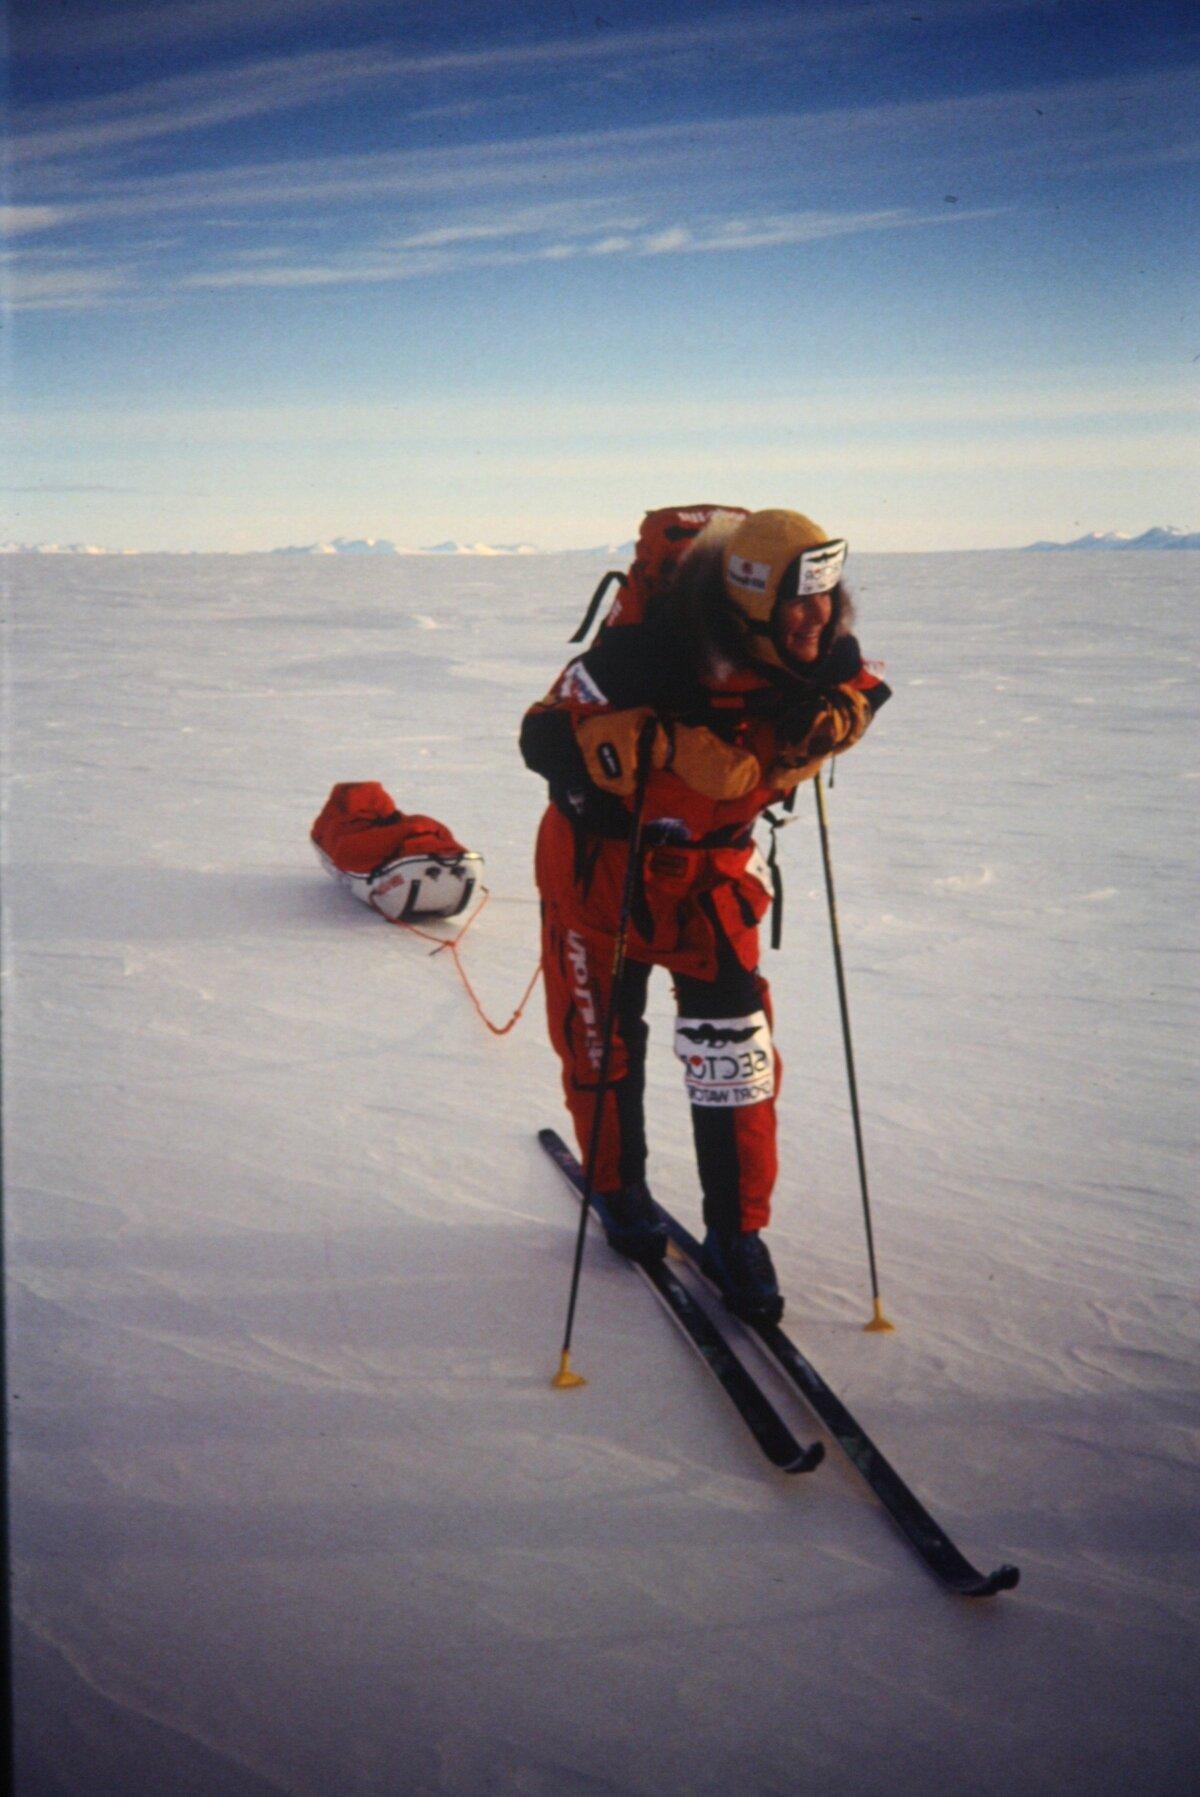 Liv Arnesen, first woman to ski solo to South Pole